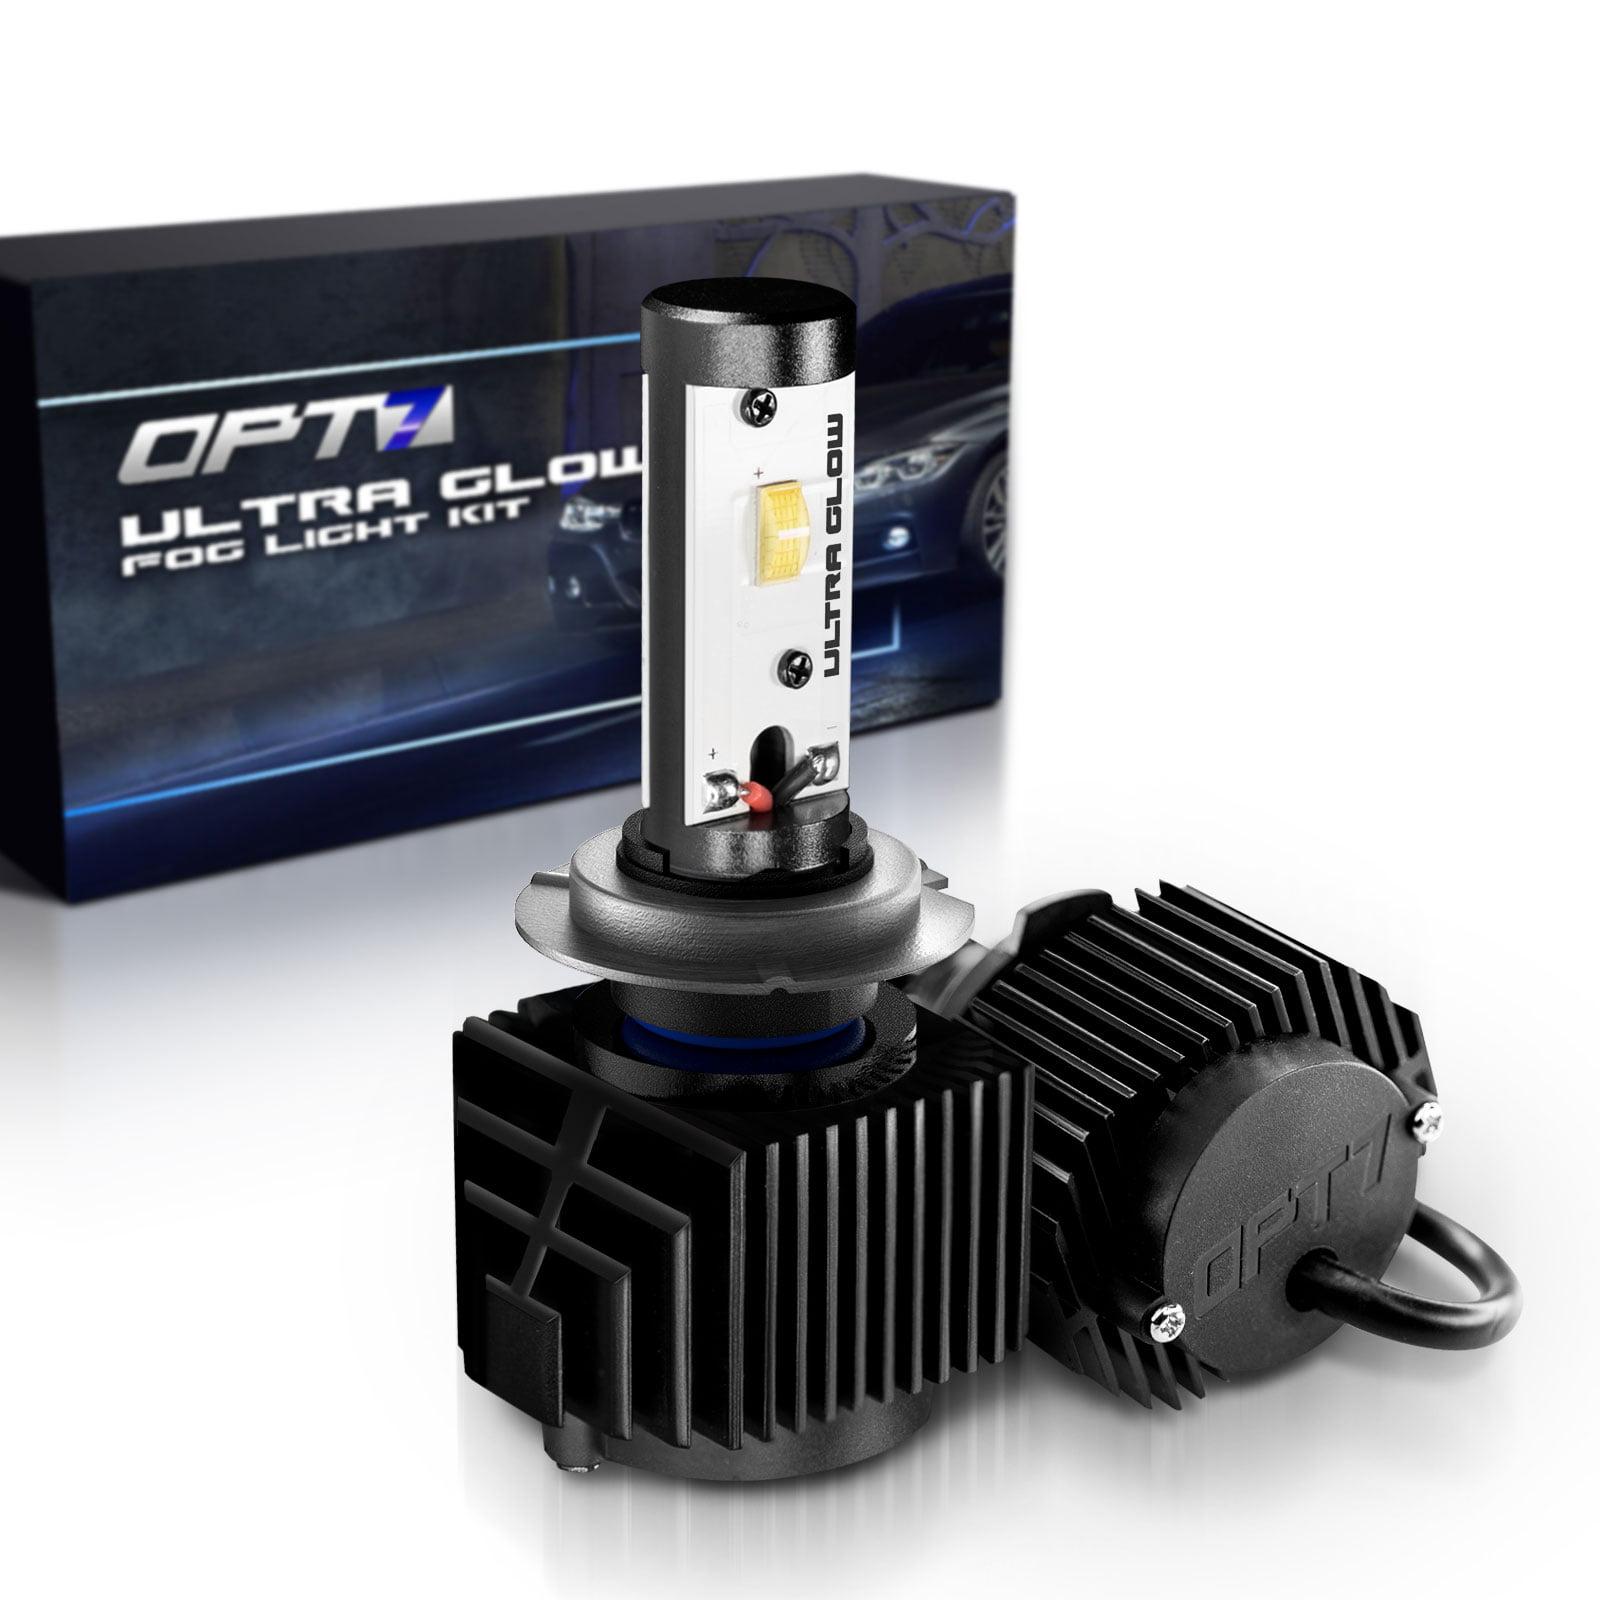 OPT7 5202 2504 Ultra Glow LED Fog Light Bulbs - 6000K Lighting White @ 1,400 Lm per bulb - Free Warranty (Pack of 2)